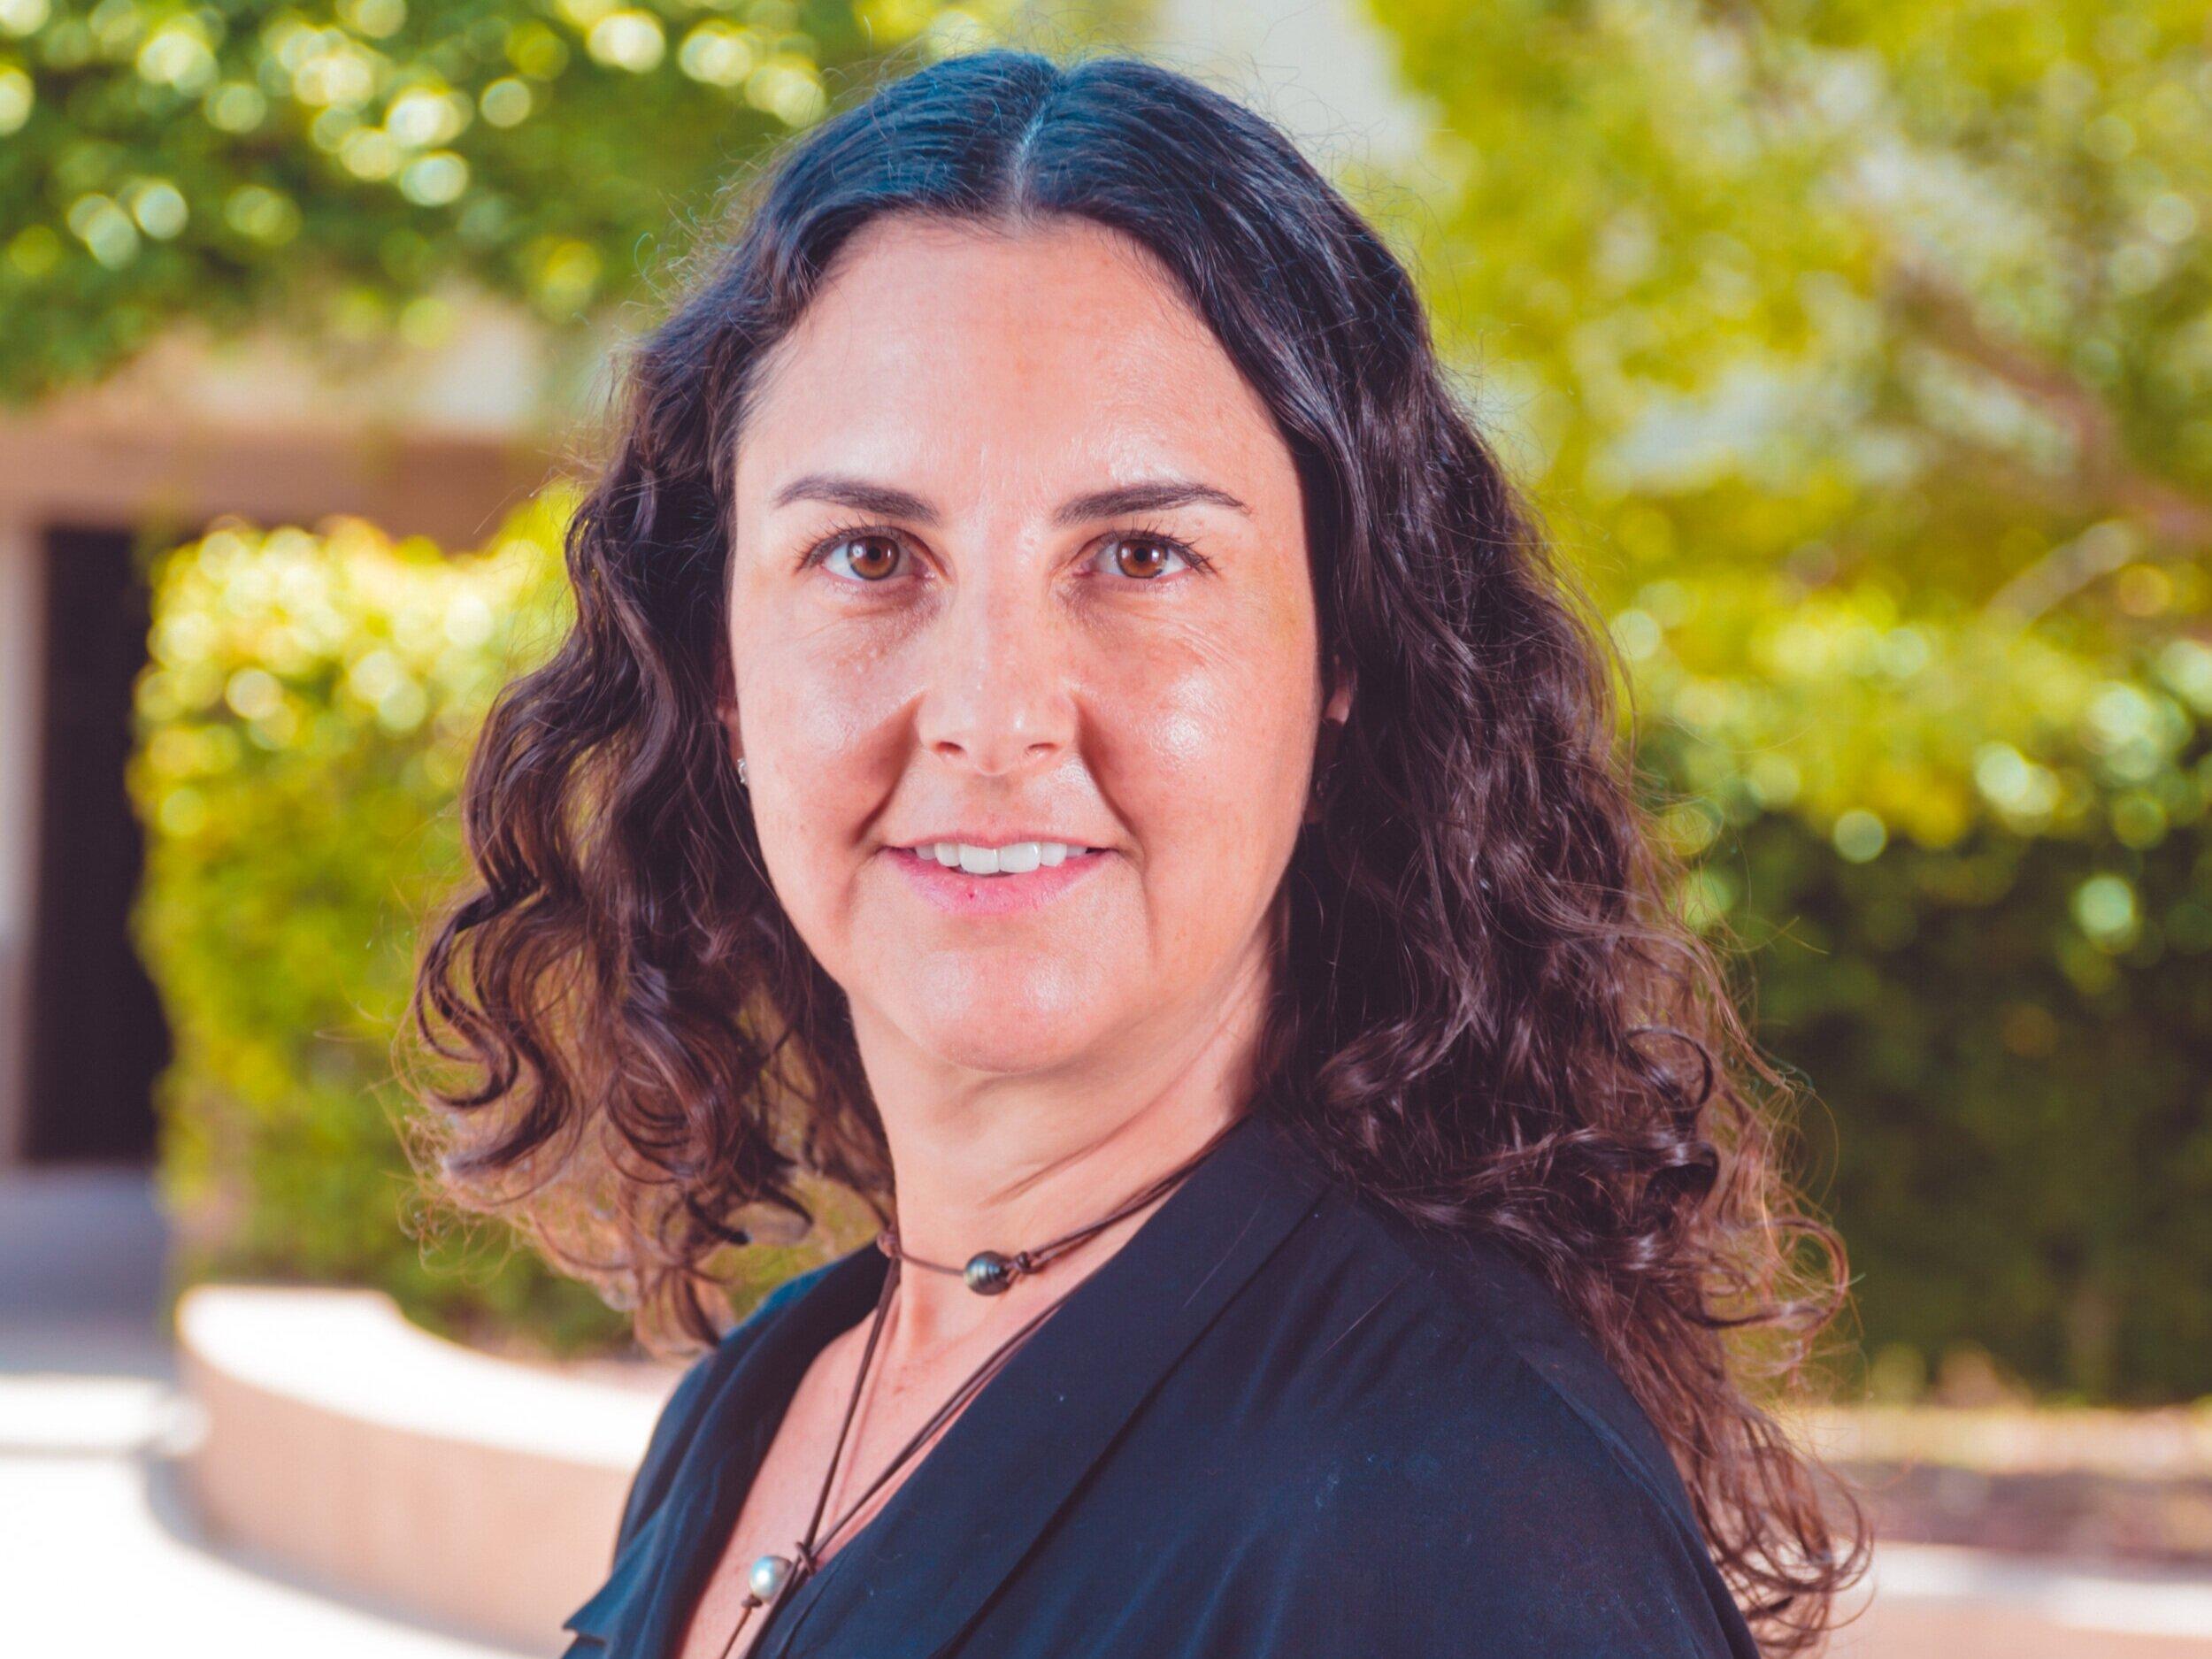 Daniela JinichAs是一位企业主和企业家, 丹妮拉为董事会带来了她在业务发展和战略方面的专业知识.